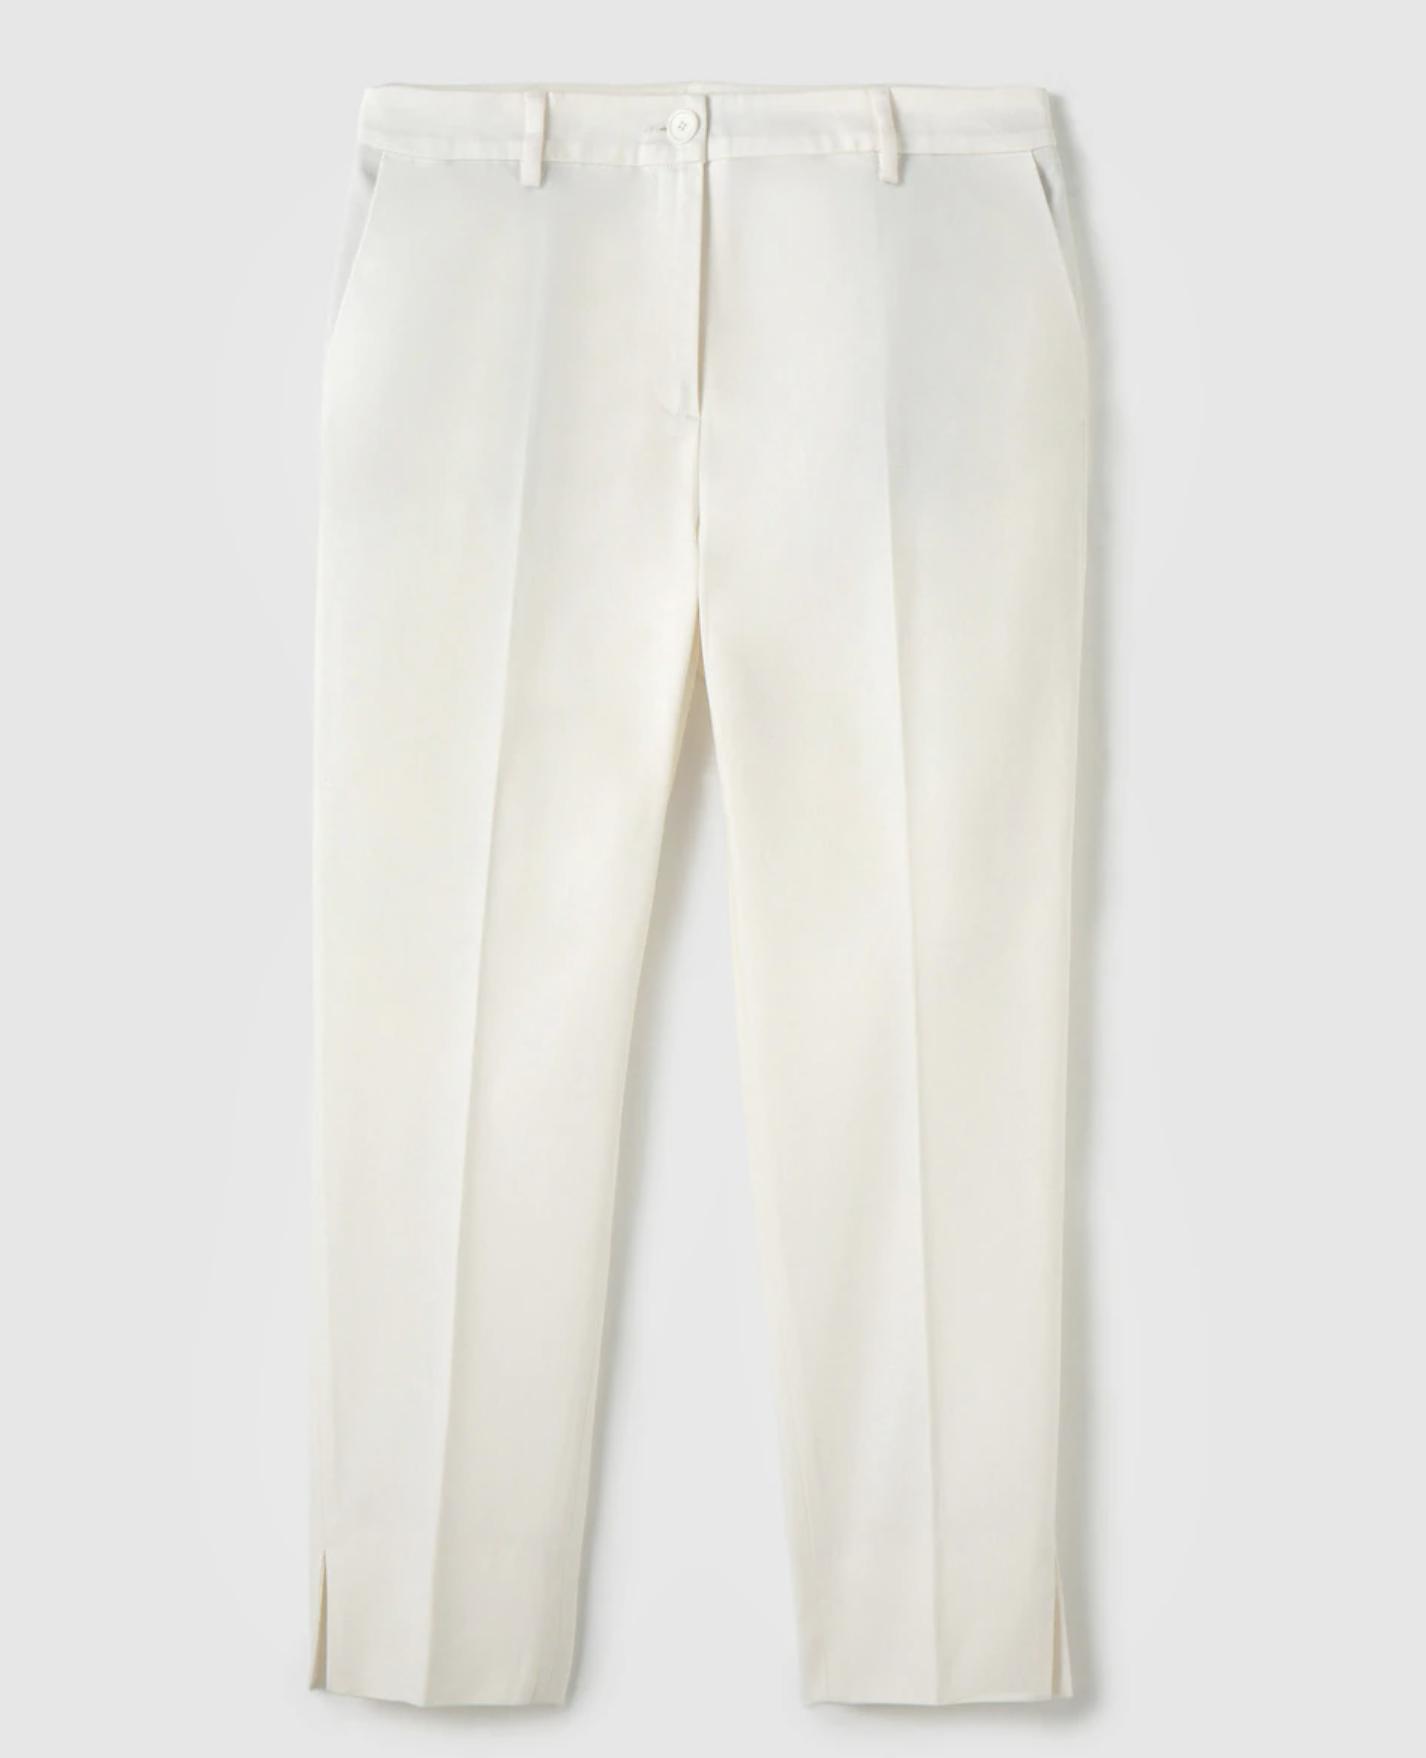 Pantalón pitillo de mujer Woman Collection con cierre delantero